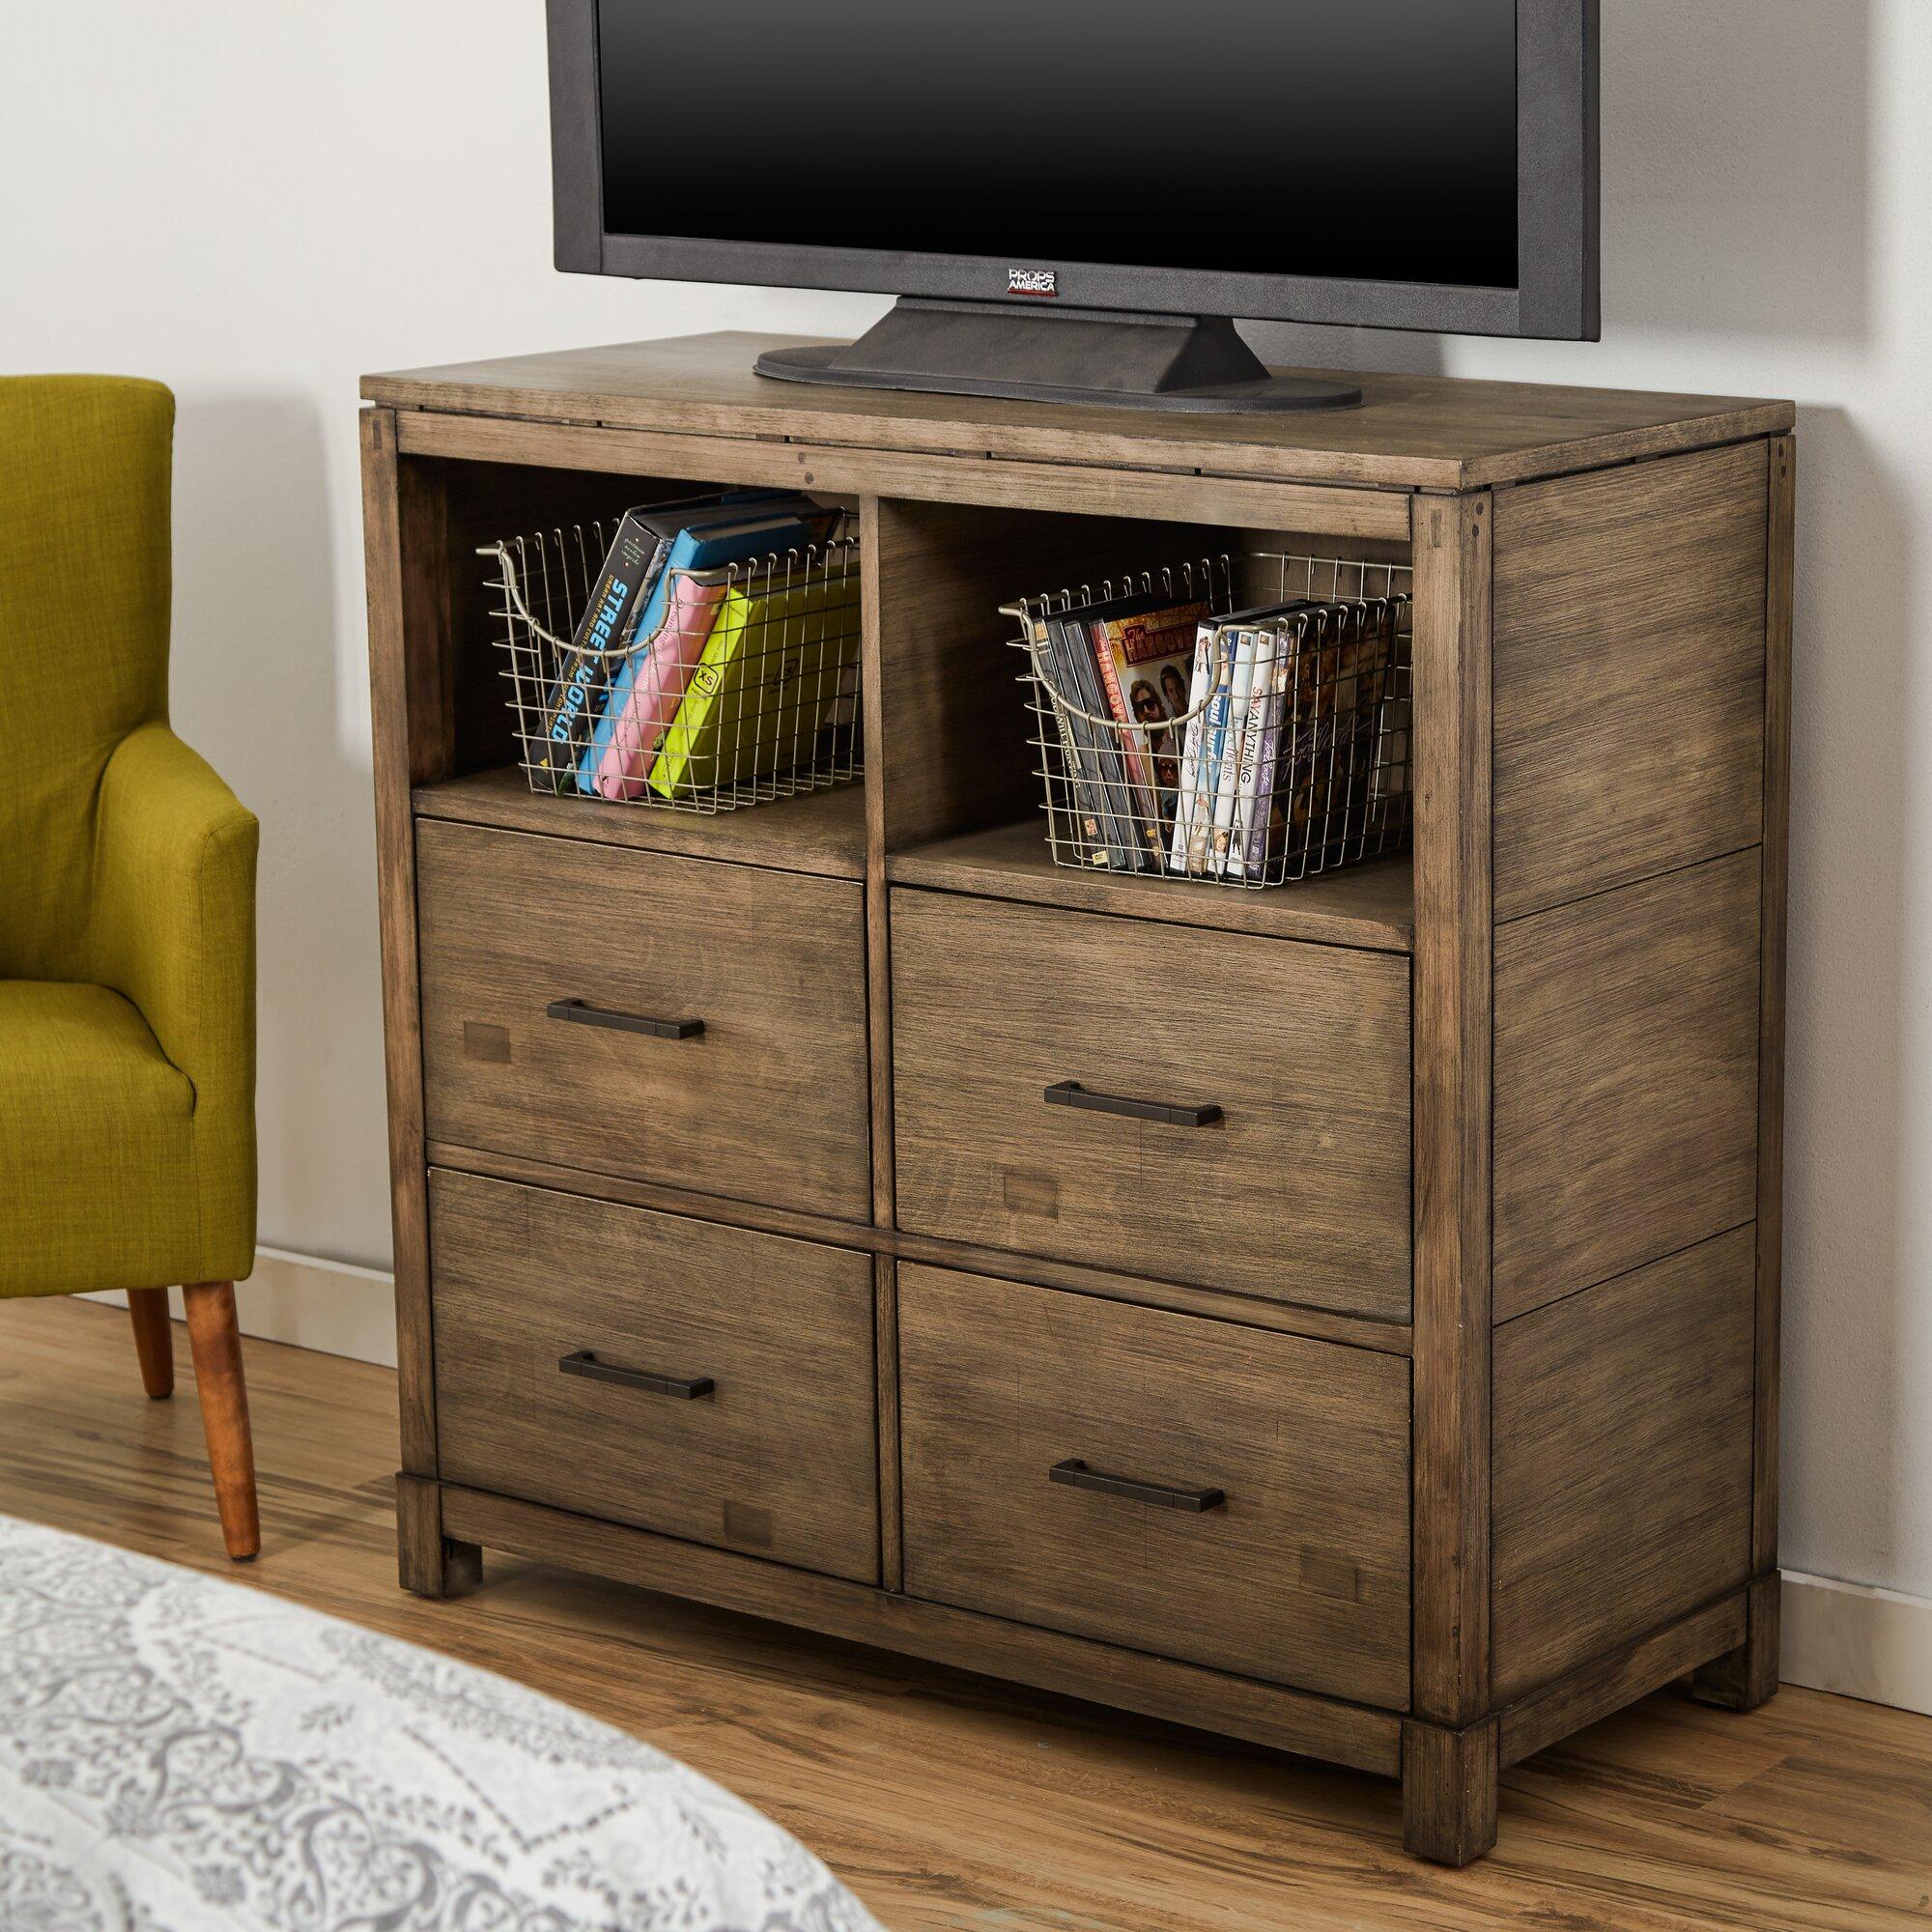 Media Chests Youll Love Wayfair - Media dresser for bedroom